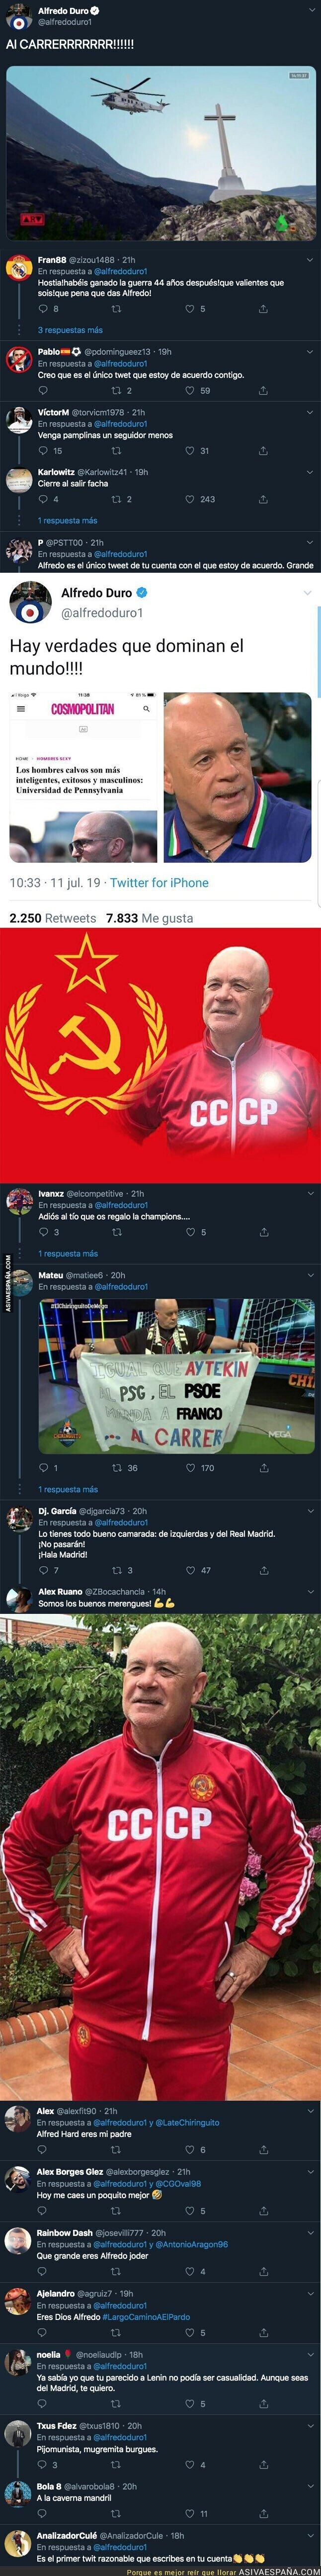 125118 - Todo el Mundo está celebrando el tuit de Alfredo Duro tras la salida de Franco del Valle de los Caídos